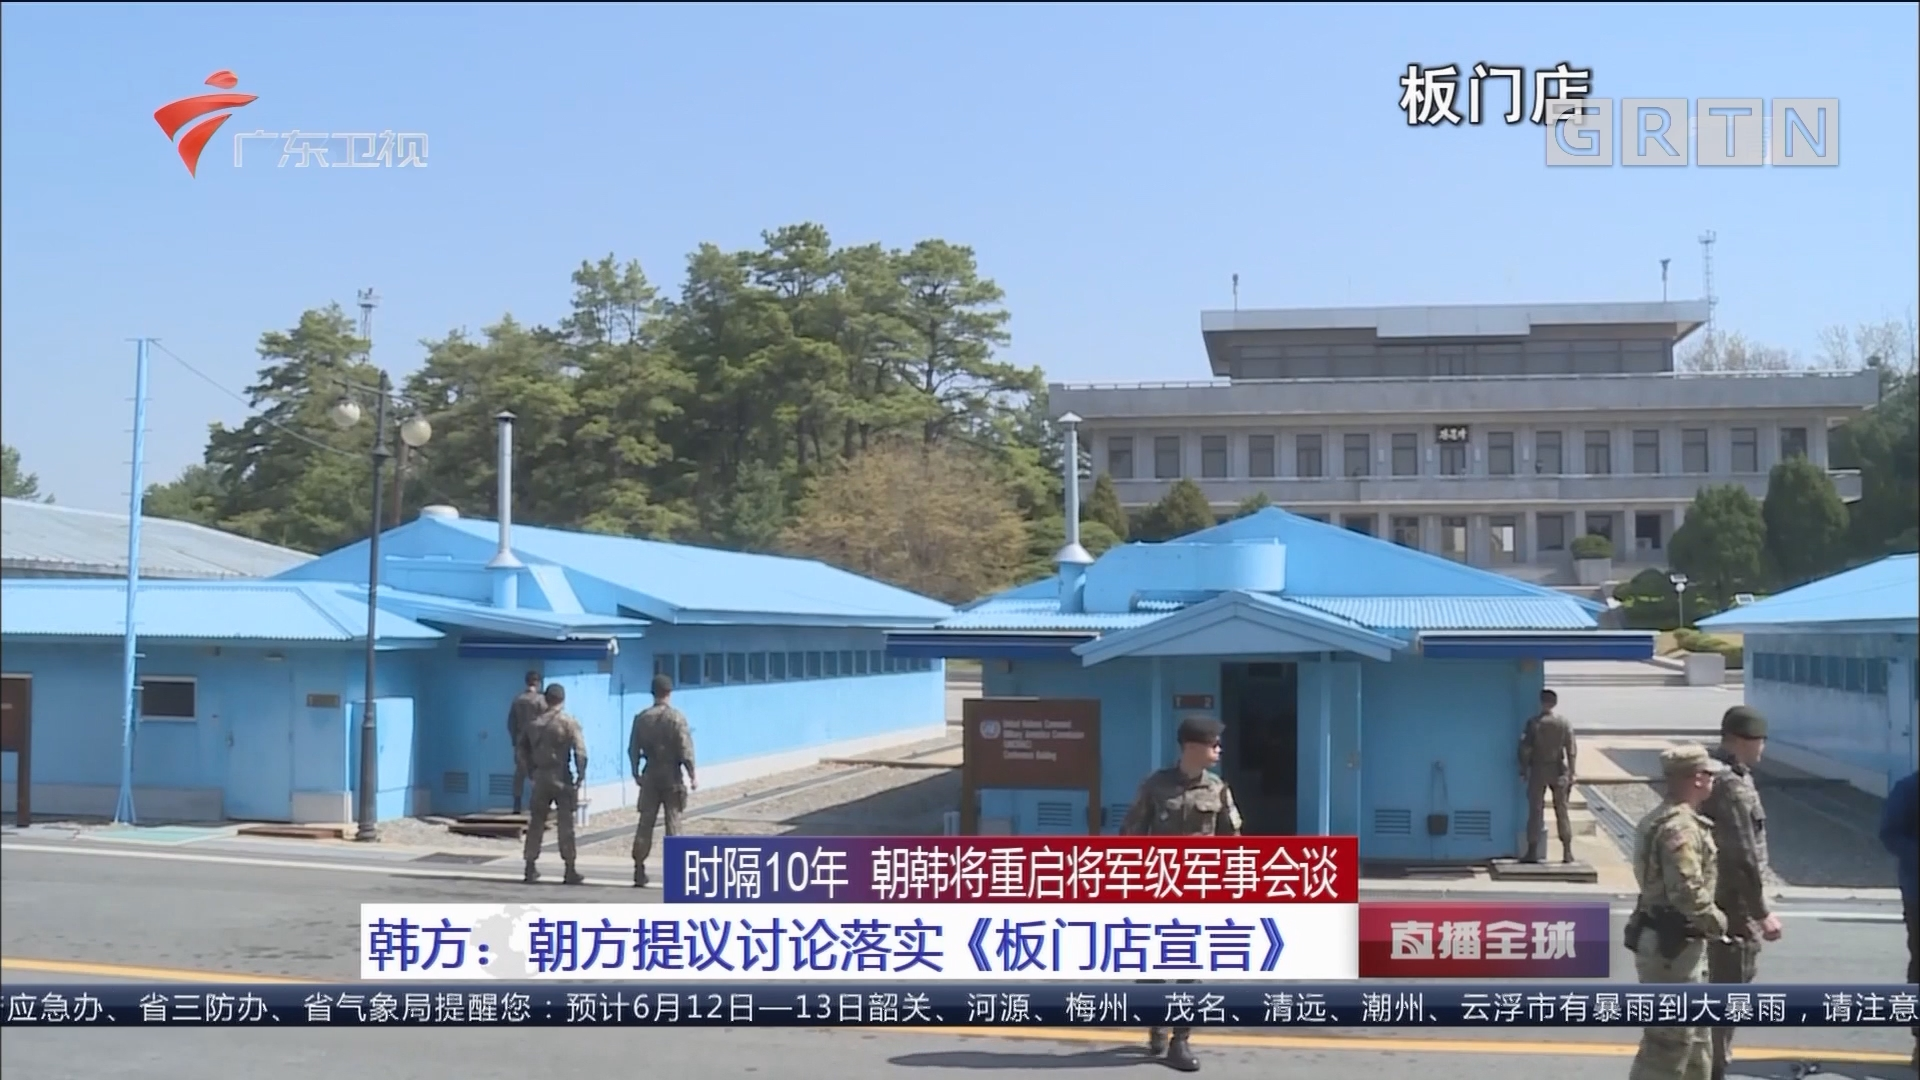 时隔10年 朝韩将重启将军级军事会谈 韩方:朝方提议讨论落实《板门店宣言》